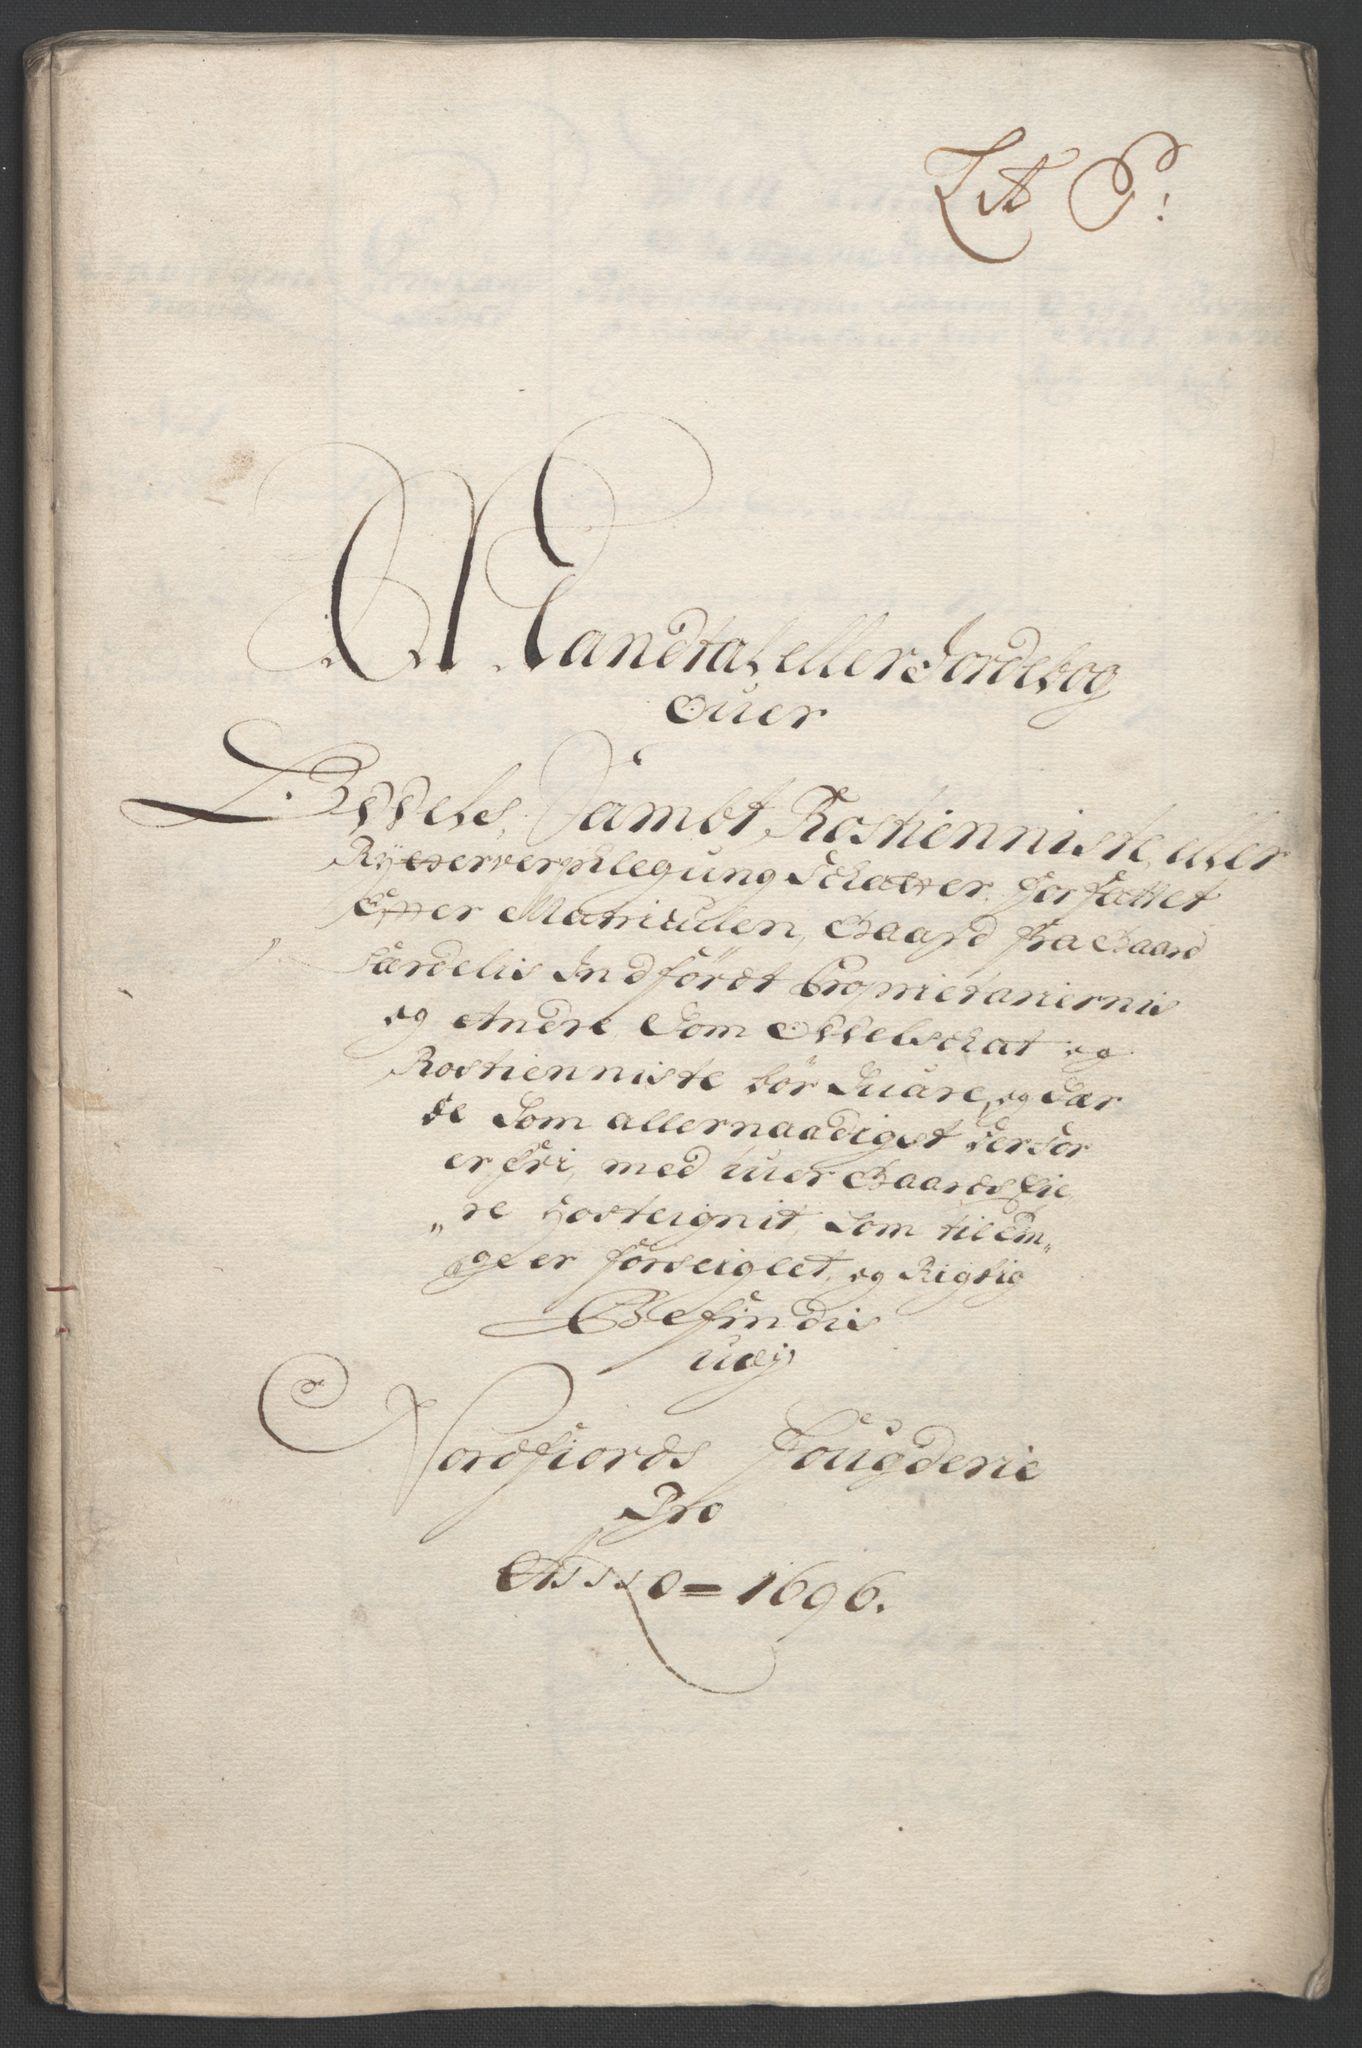 RA, Rentekammeret inntil 1814, Reviderte regnskaper, Fogderegnskap, R53/L3422: Fogderegnskap Sunn- og Nordfjord, 1695-1696, s. 307